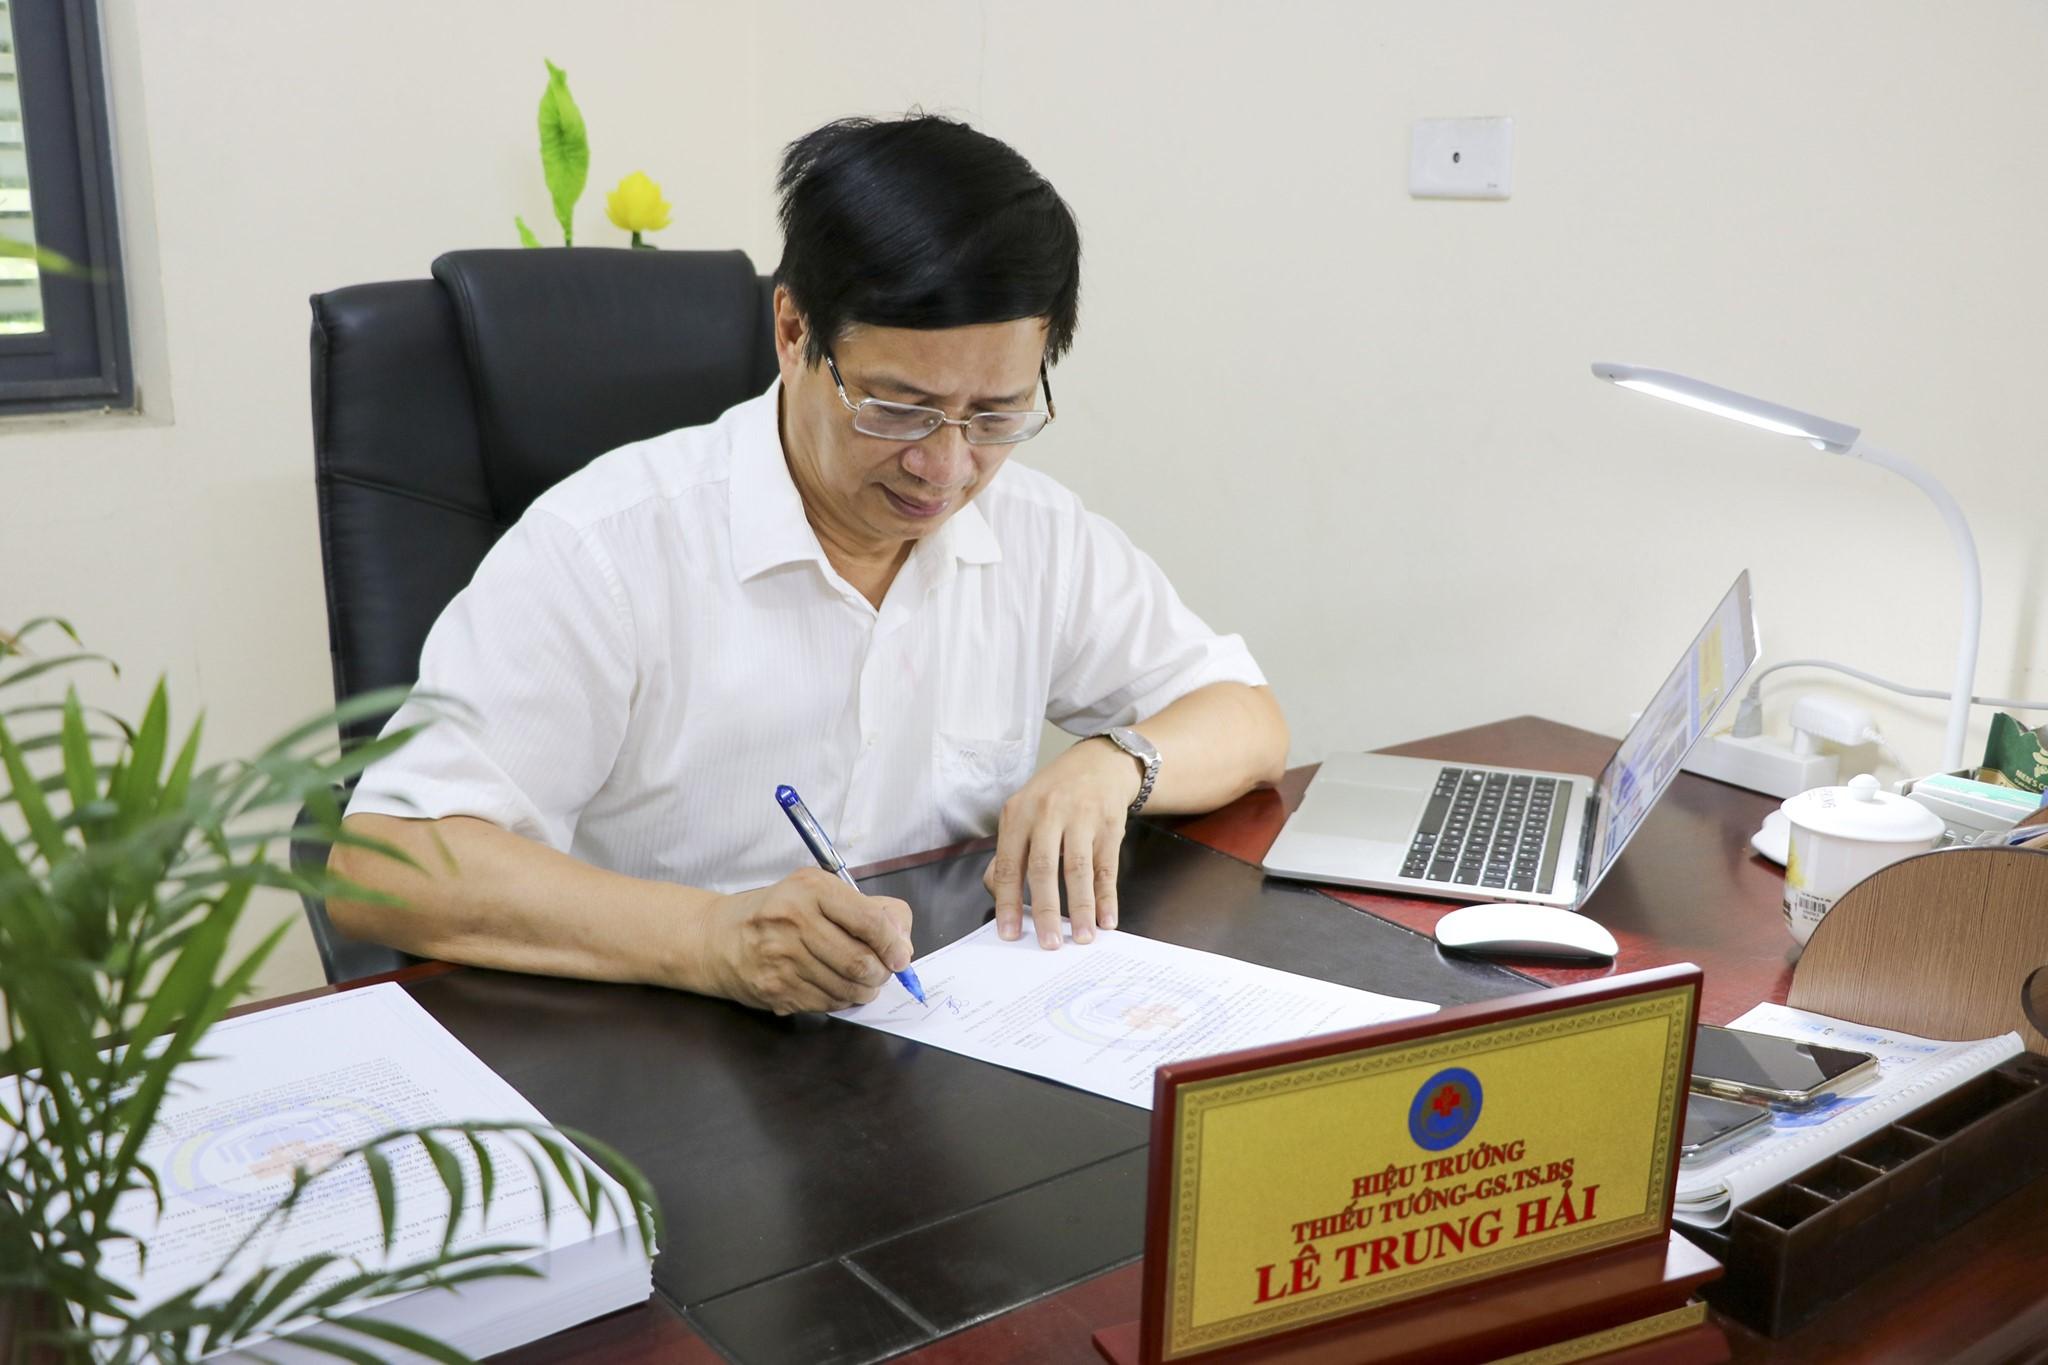 Thư của Hiệu trưởng gửi sinh viên nhân dịp năm học mới 2021-2022